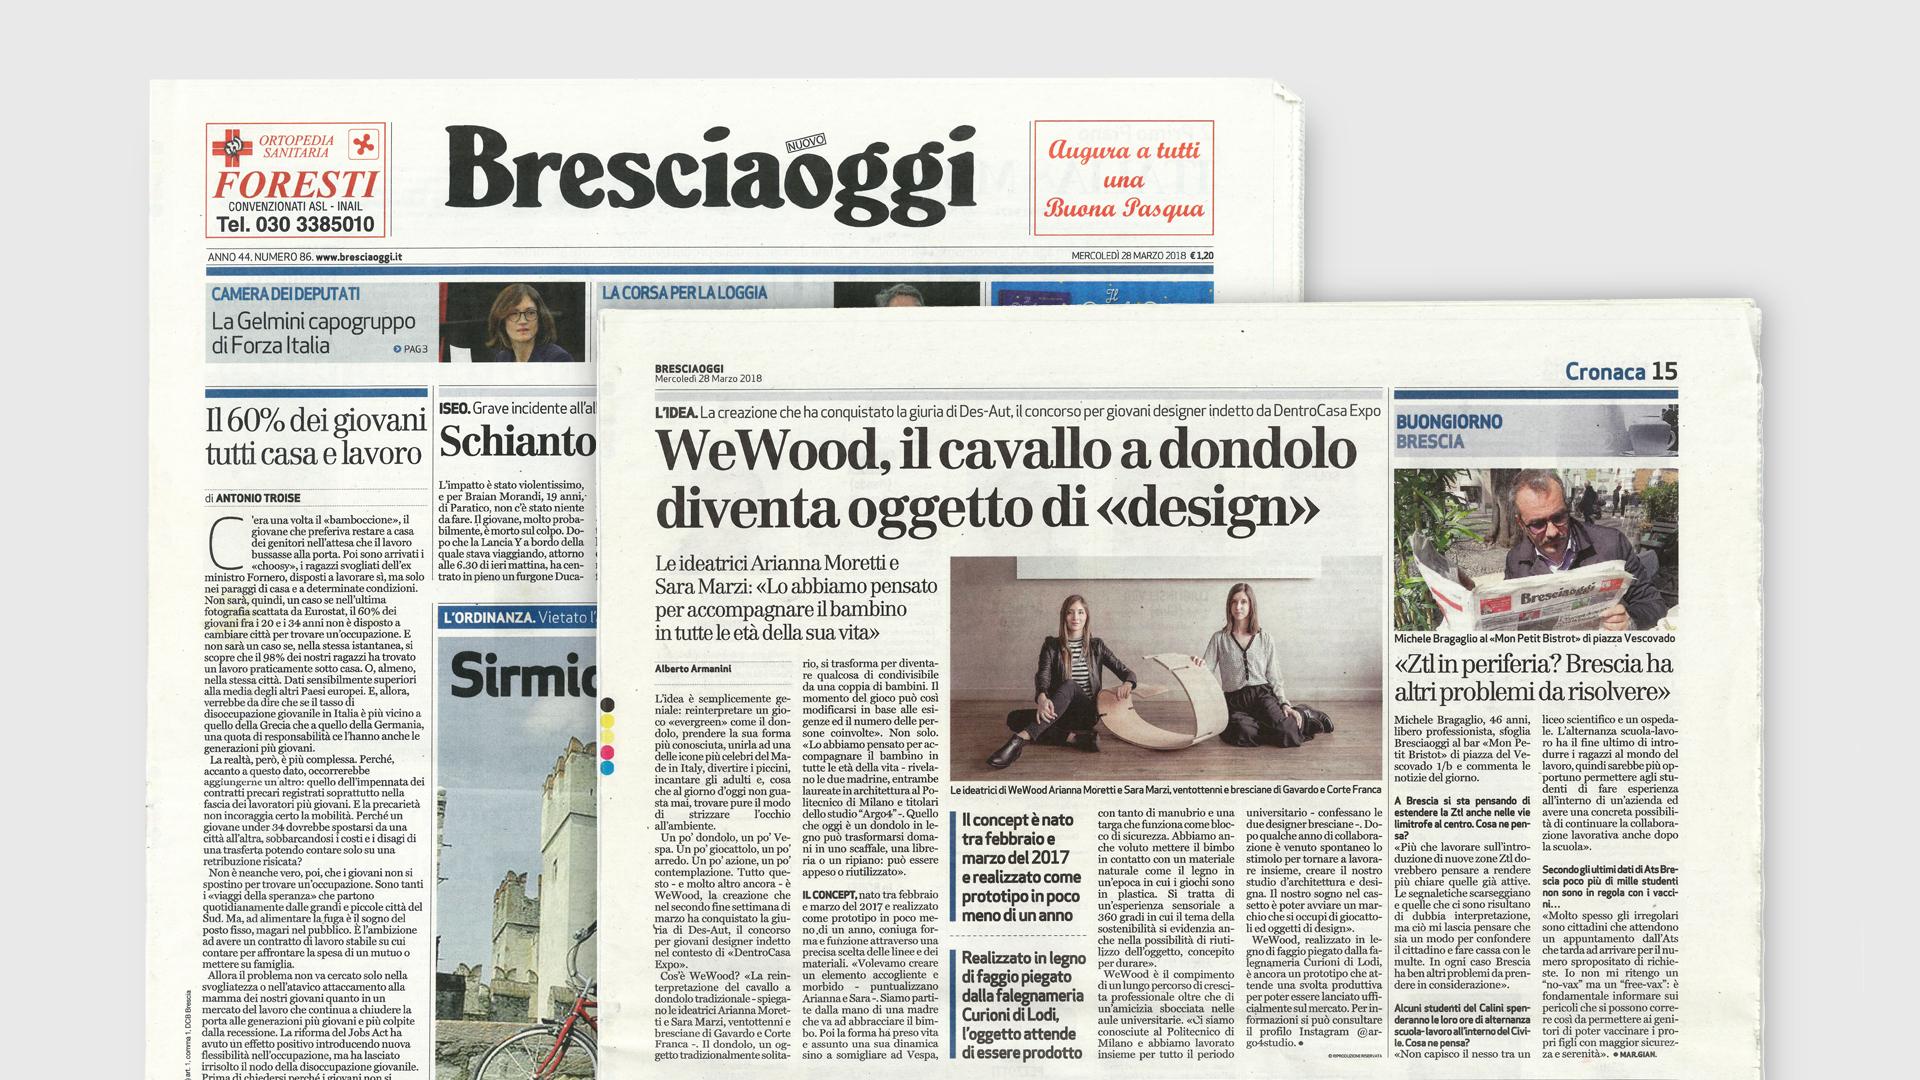 Immagine della prima pagina del Bresciaoggi del 28 Marzo 2018 e della pagina con l'articolo riguardo il cavallo a dondolo YaWood.